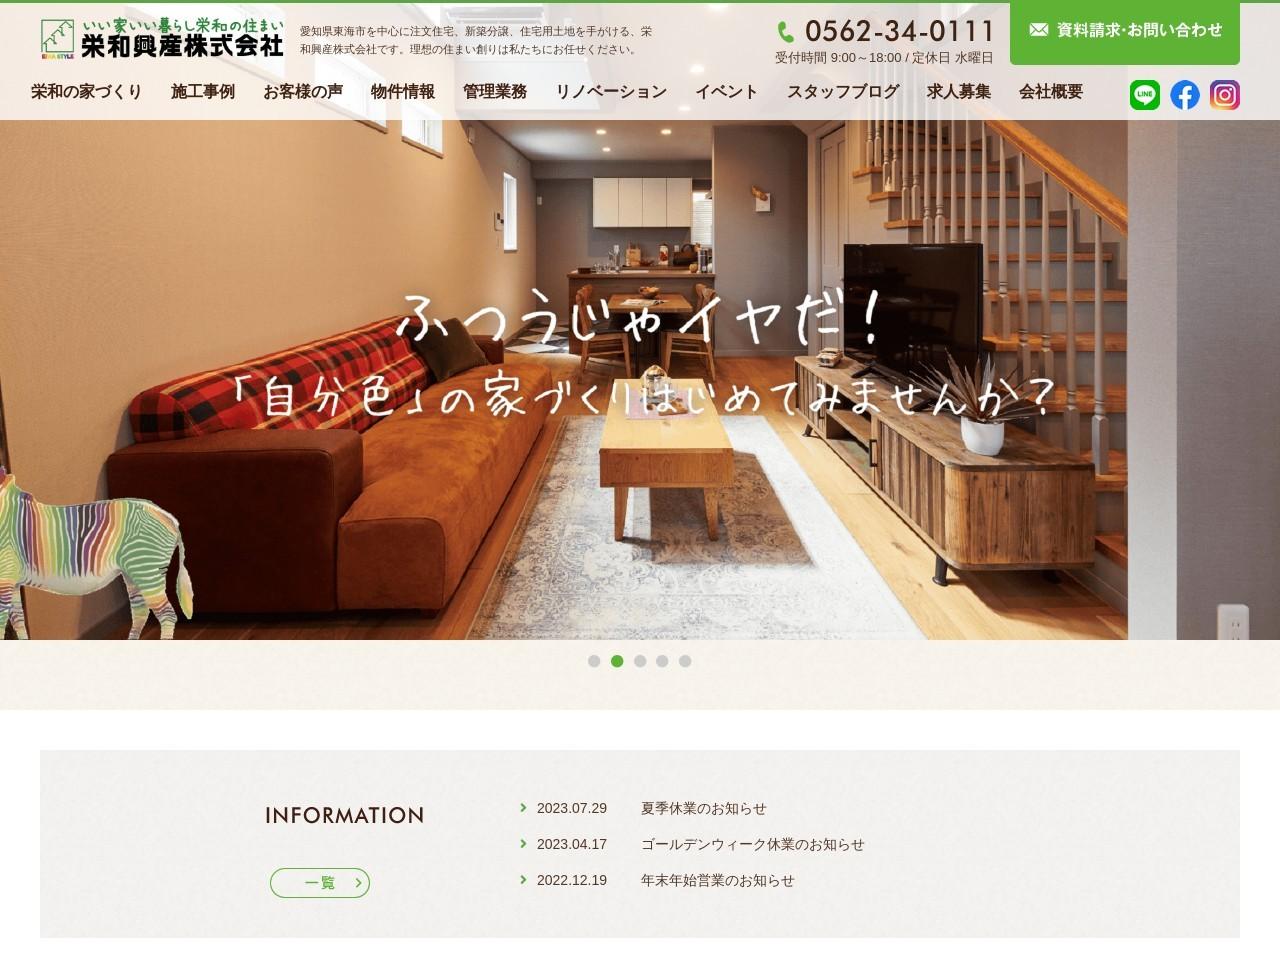 栄和興産株式会社